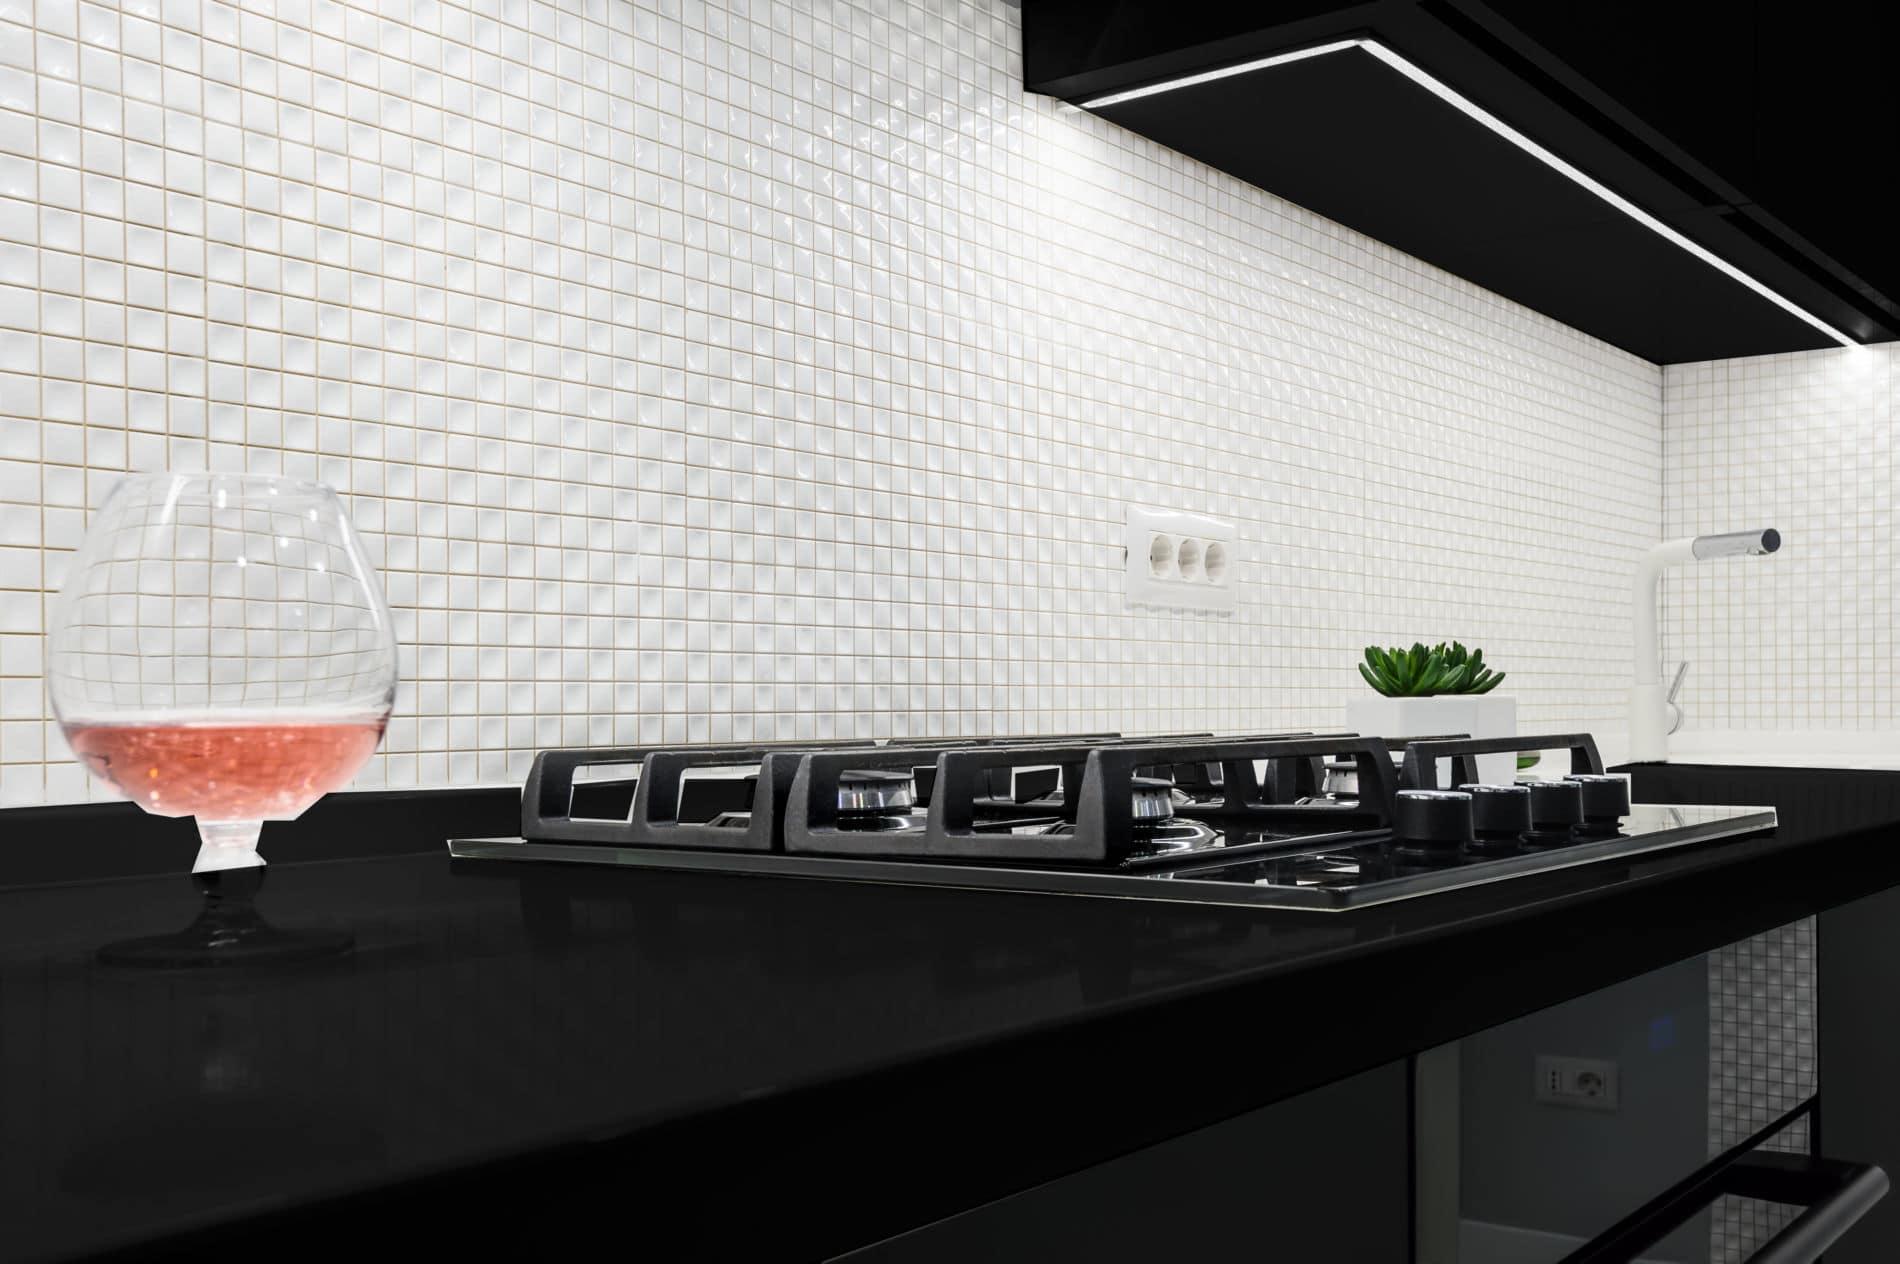 מטבחים מעץ מוכרי המטבחים בעלי הבחנה מקצועית מהחברות המובילות המשק בתחום ייצור והרכבת מטבחים שיודעים לתת שירות אדיב ומקצועי, שמומחים לשירותי ייצור ועיצוב מטבחים תוך כדי תחזוקת מטבחים